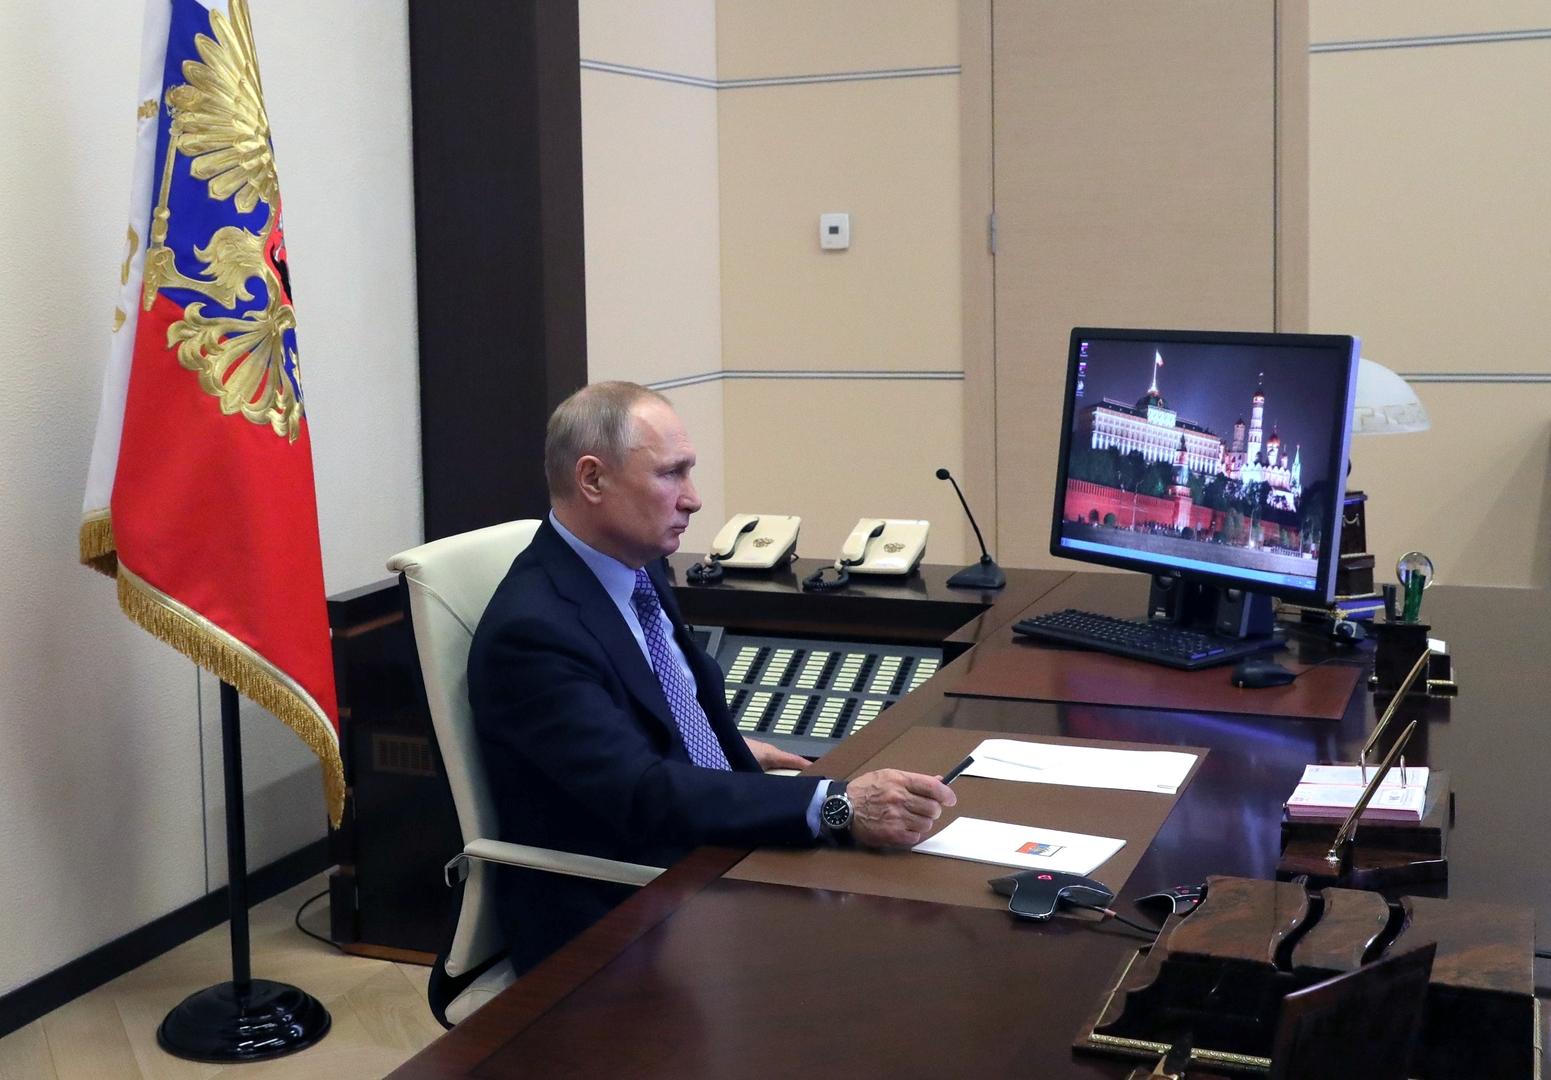 بوتين يقرّ عقوبة بالسجن أقصاها 7 سنوات لمخالفي الحجر الصحي